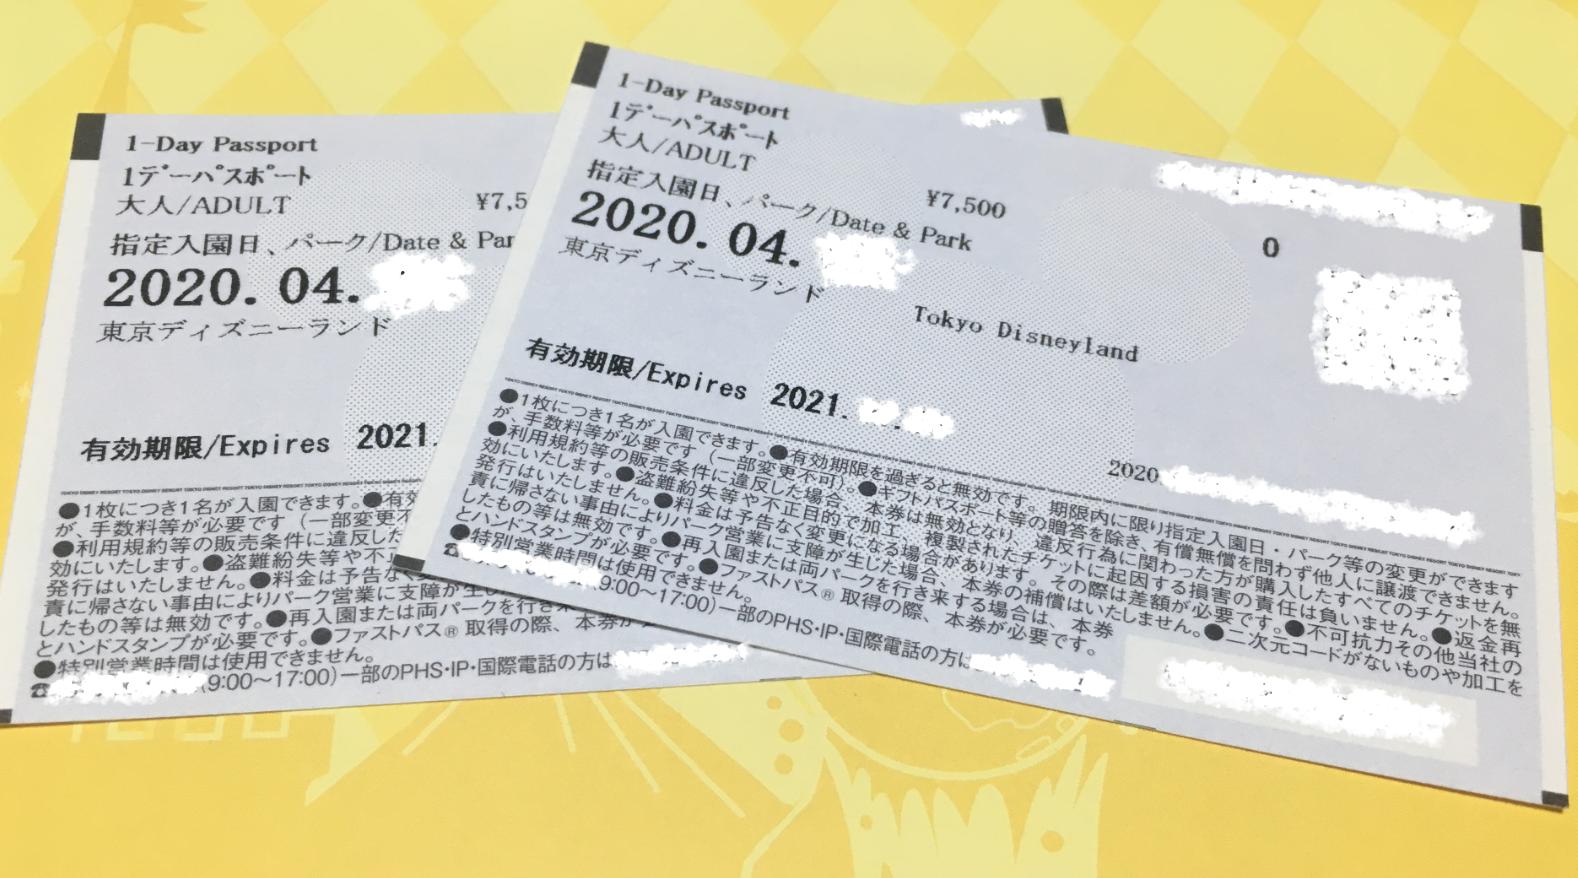 ディズニーランド チケット 東京